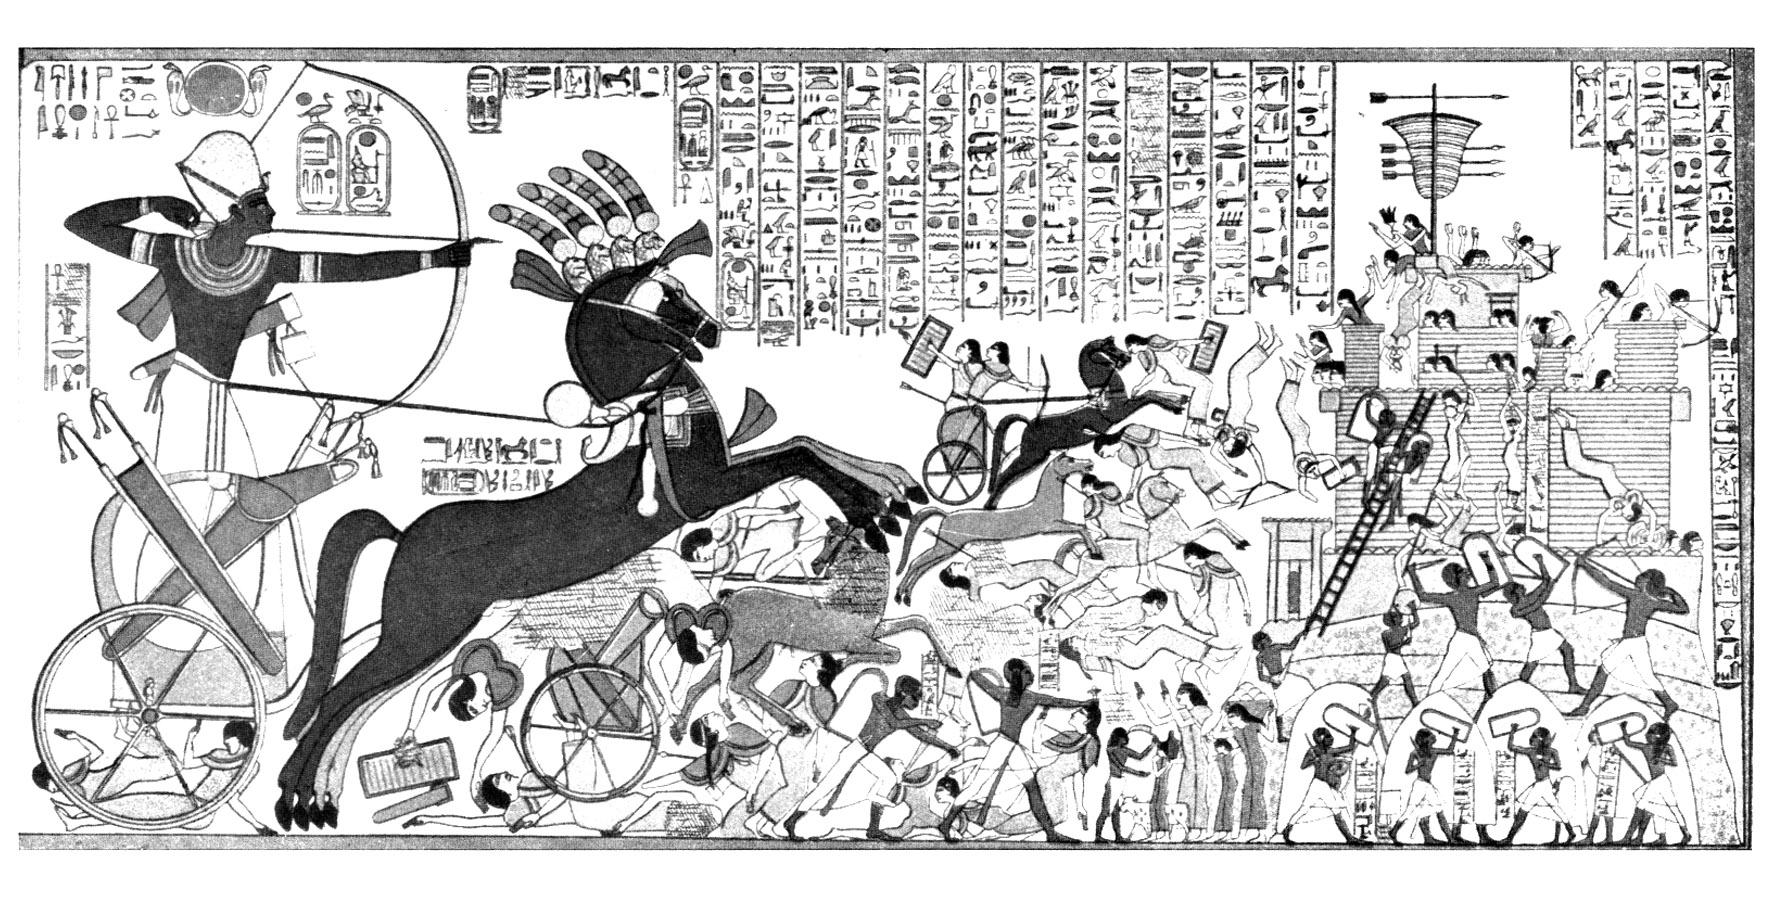 Coloriage A Imprimer Egypte Antique.Egypte Bataille Egypte Coloriages Difficiles Pour Adultes